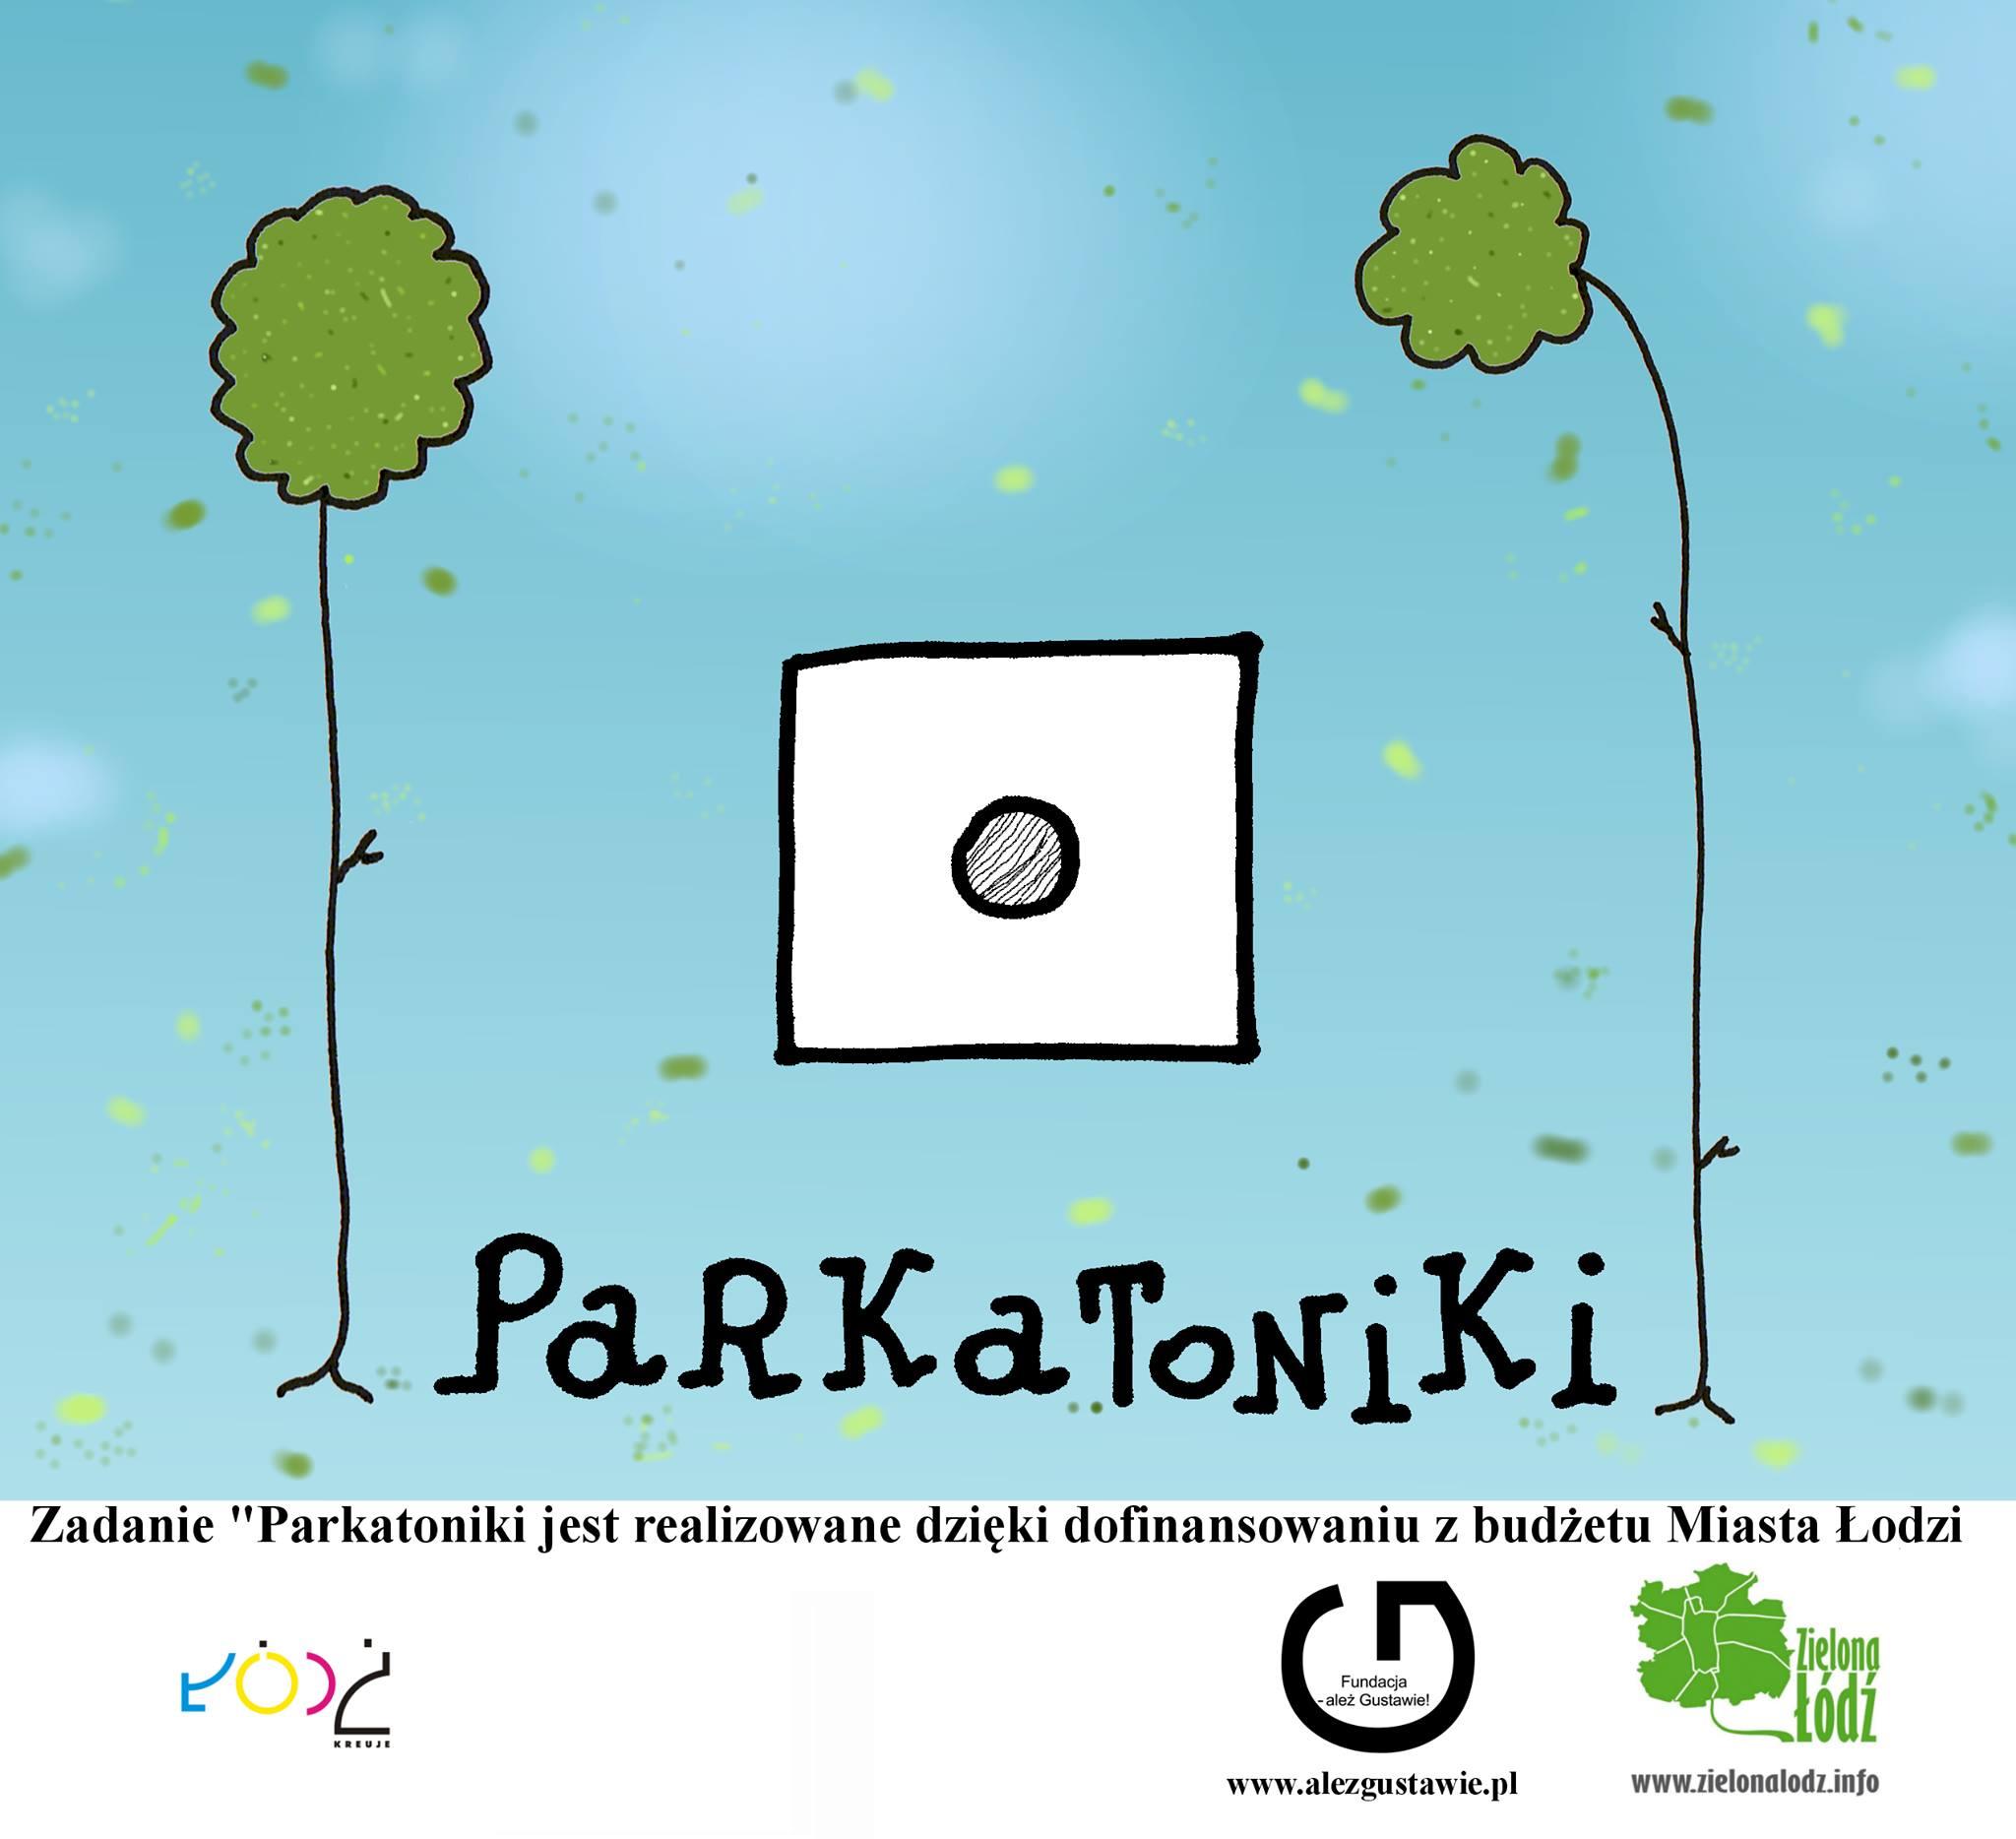 Parkatoniki - miniteatrzyk w parku